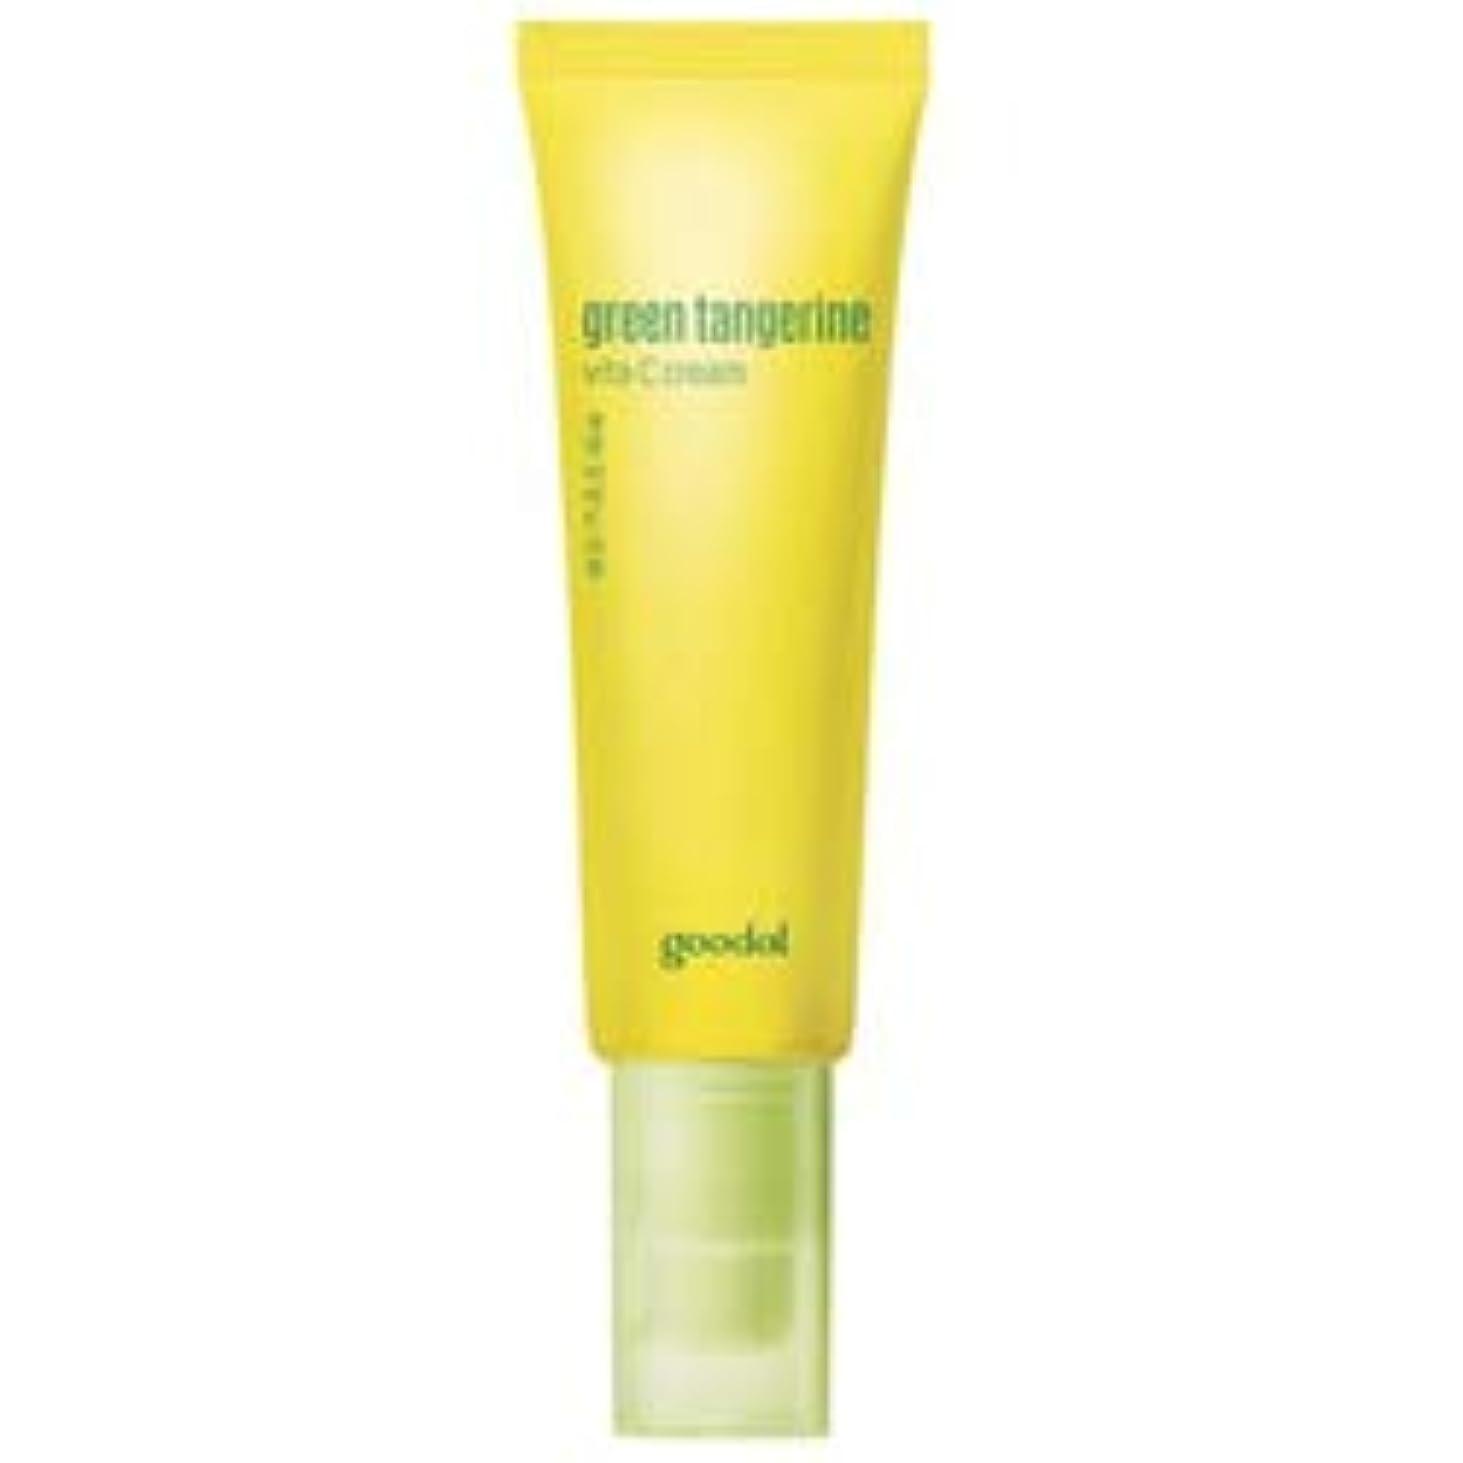 支出フェザーエッセンス[goodal] Green Tangerine Vita C cream 50ml / [グーダル]タンジェリン ビタC クリーム 50ml [並行輸入品]